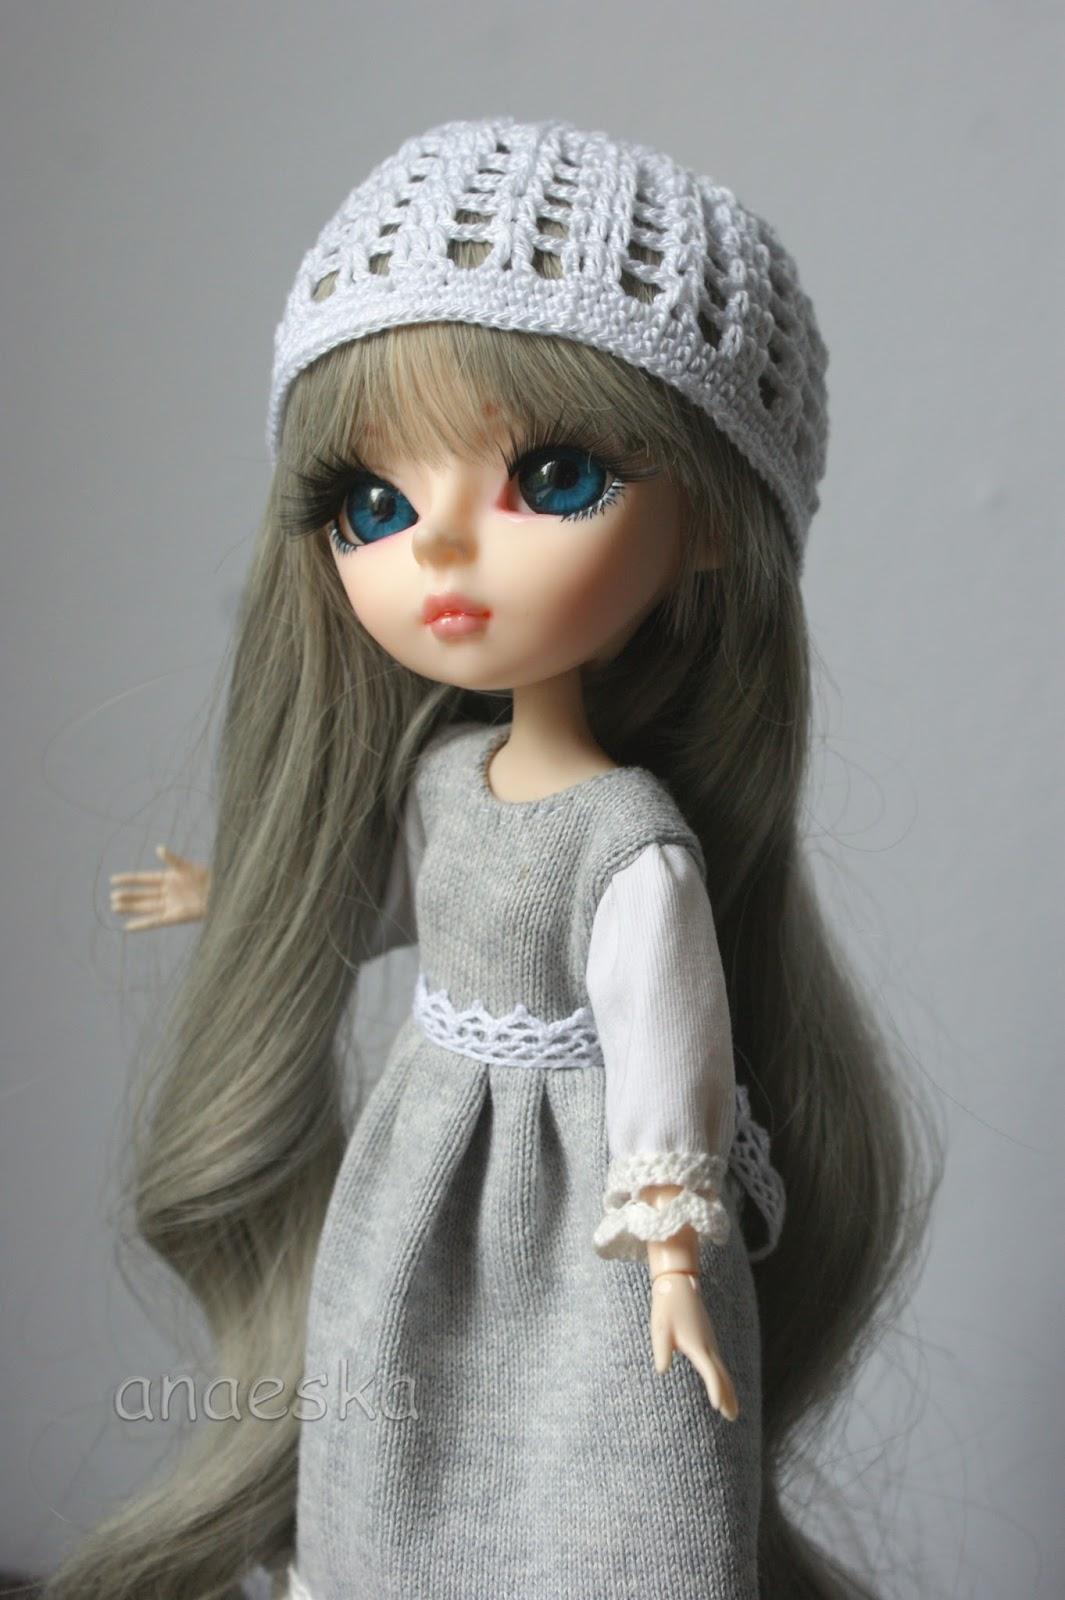 ea07c2d812355 ... nadaje sukni przepiękny wygląd. Zresztą sami zobaczcie. Ja dodam tylko,  że jest bardzo starannie uszyta, ale to chyba już wiecie.